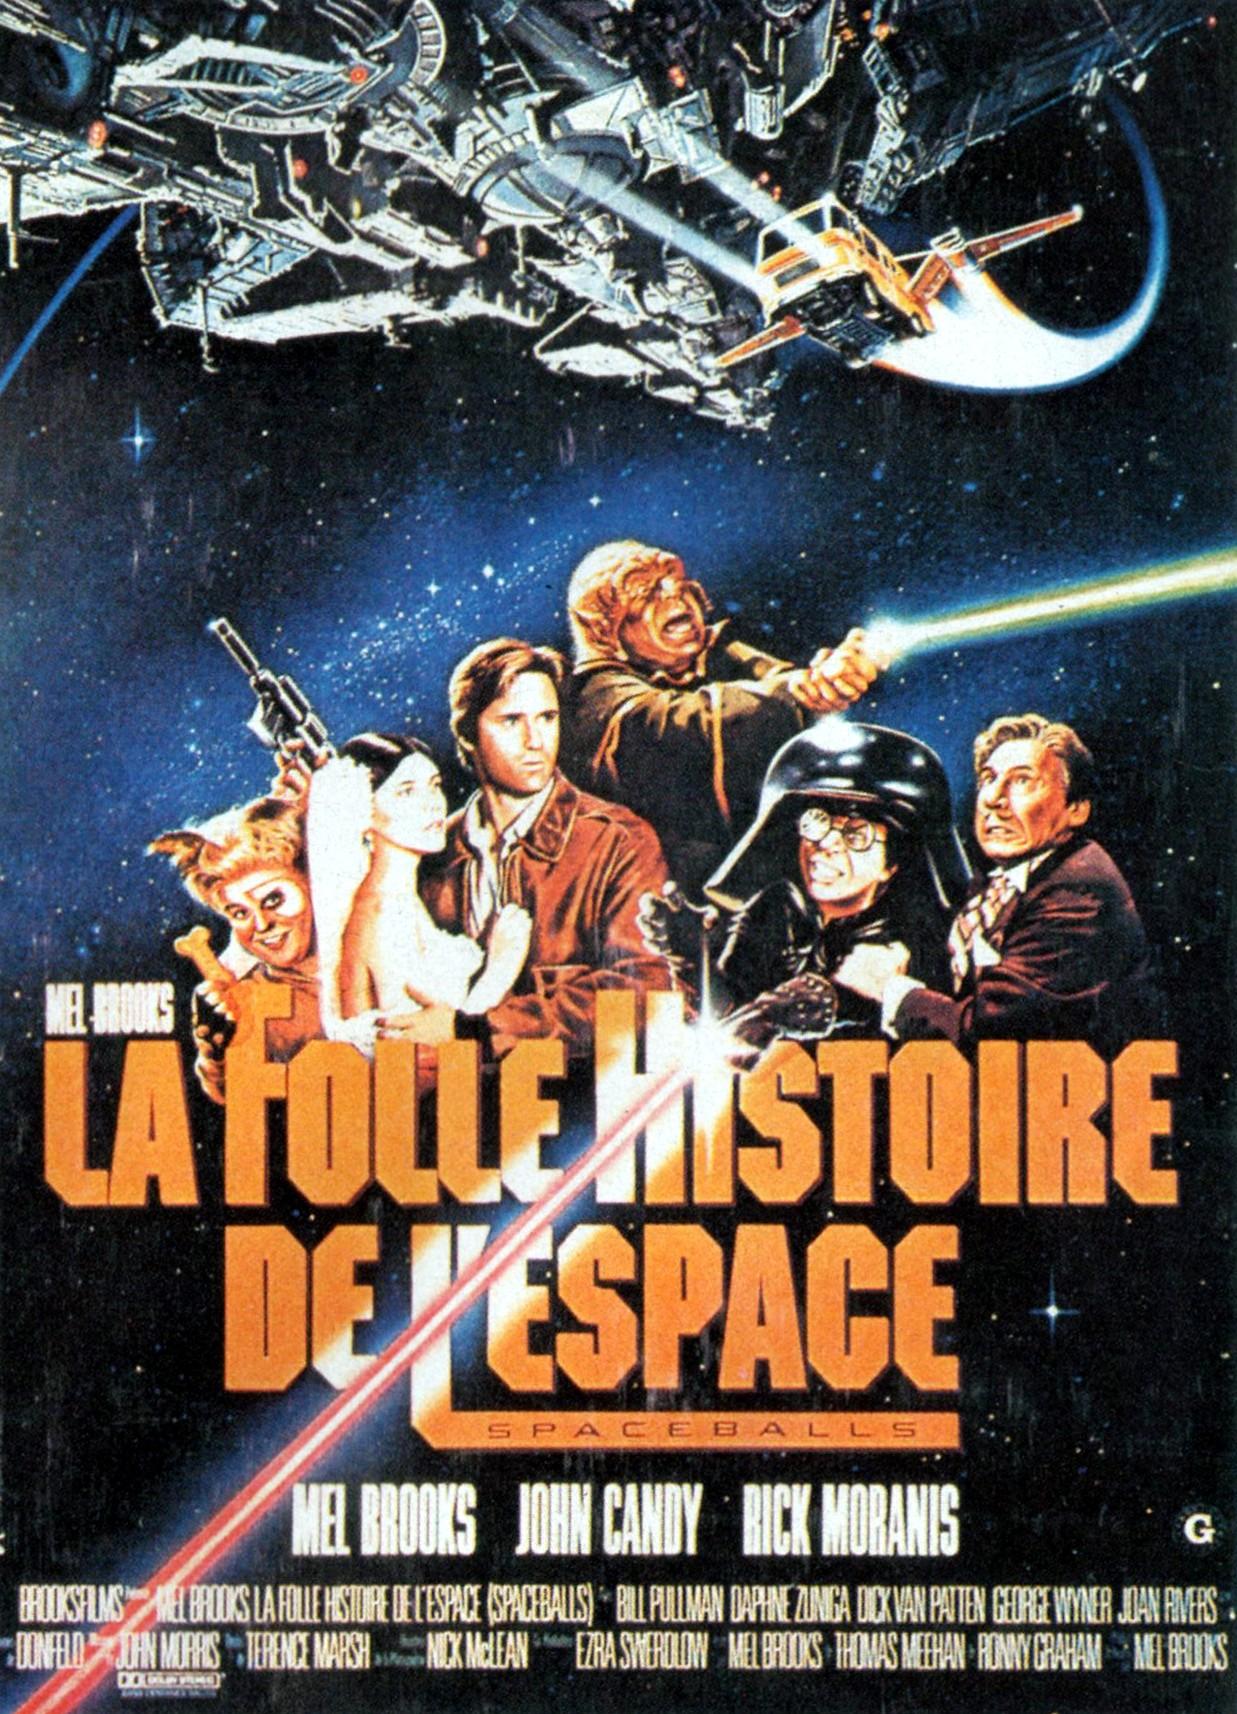 Una Pagina De Cine 1987 Spaceballs La Loca Historia De Las